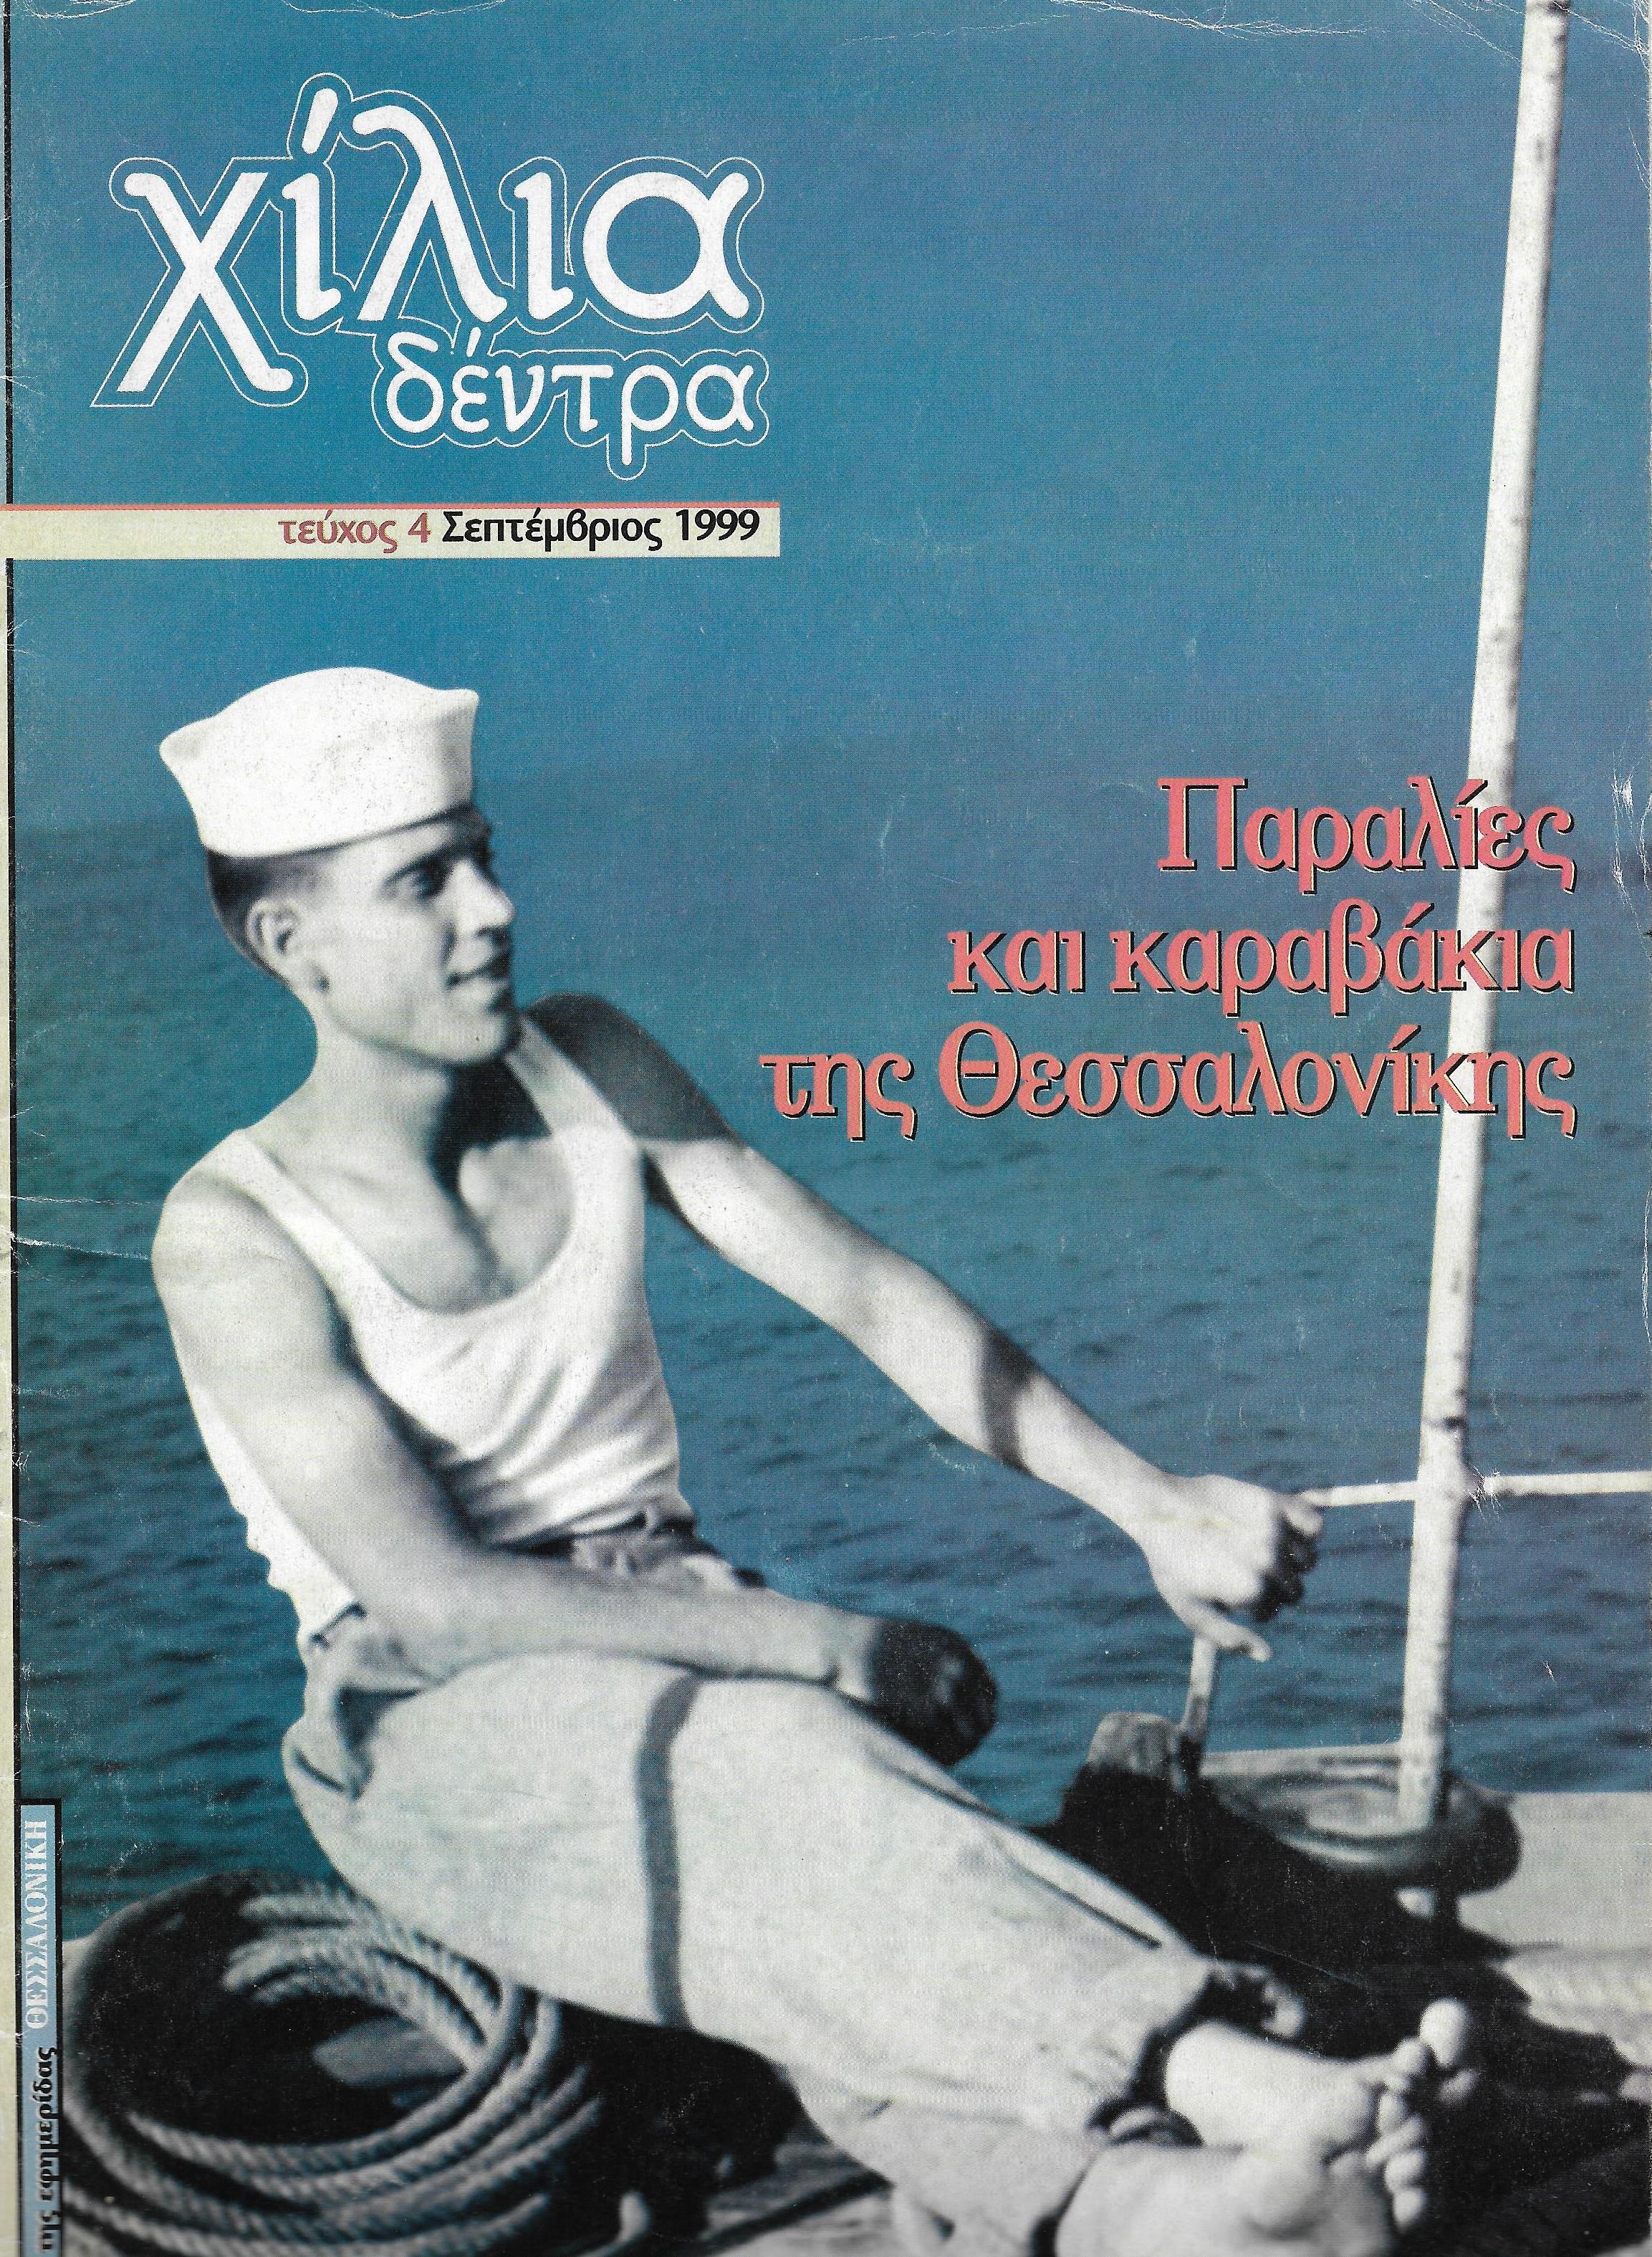 Karavakia-Xilia 001